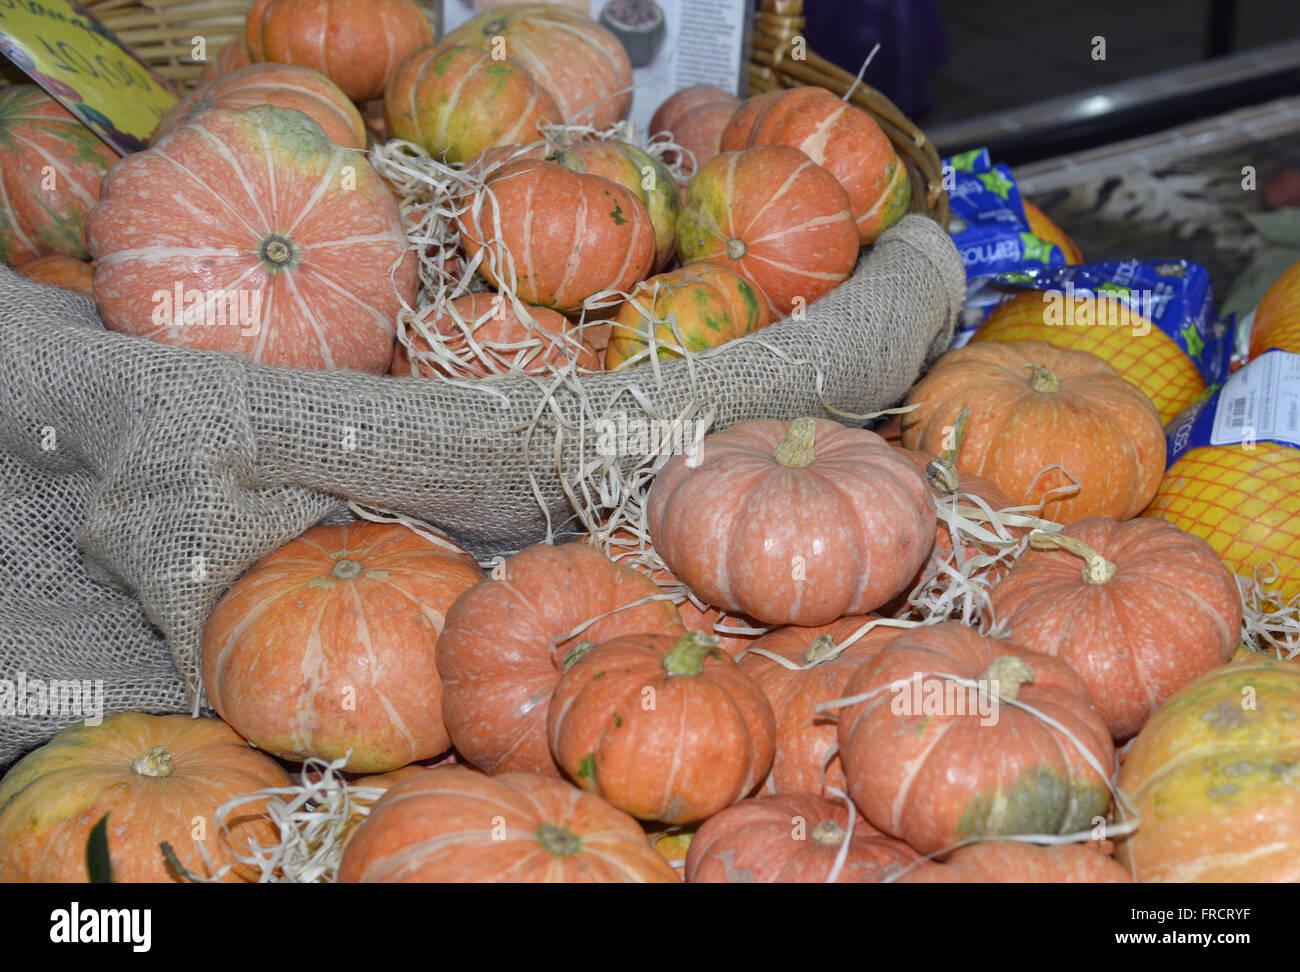 Calabaza-squash y melones para la venta en el mercado de la ciudad Imagen De Stock